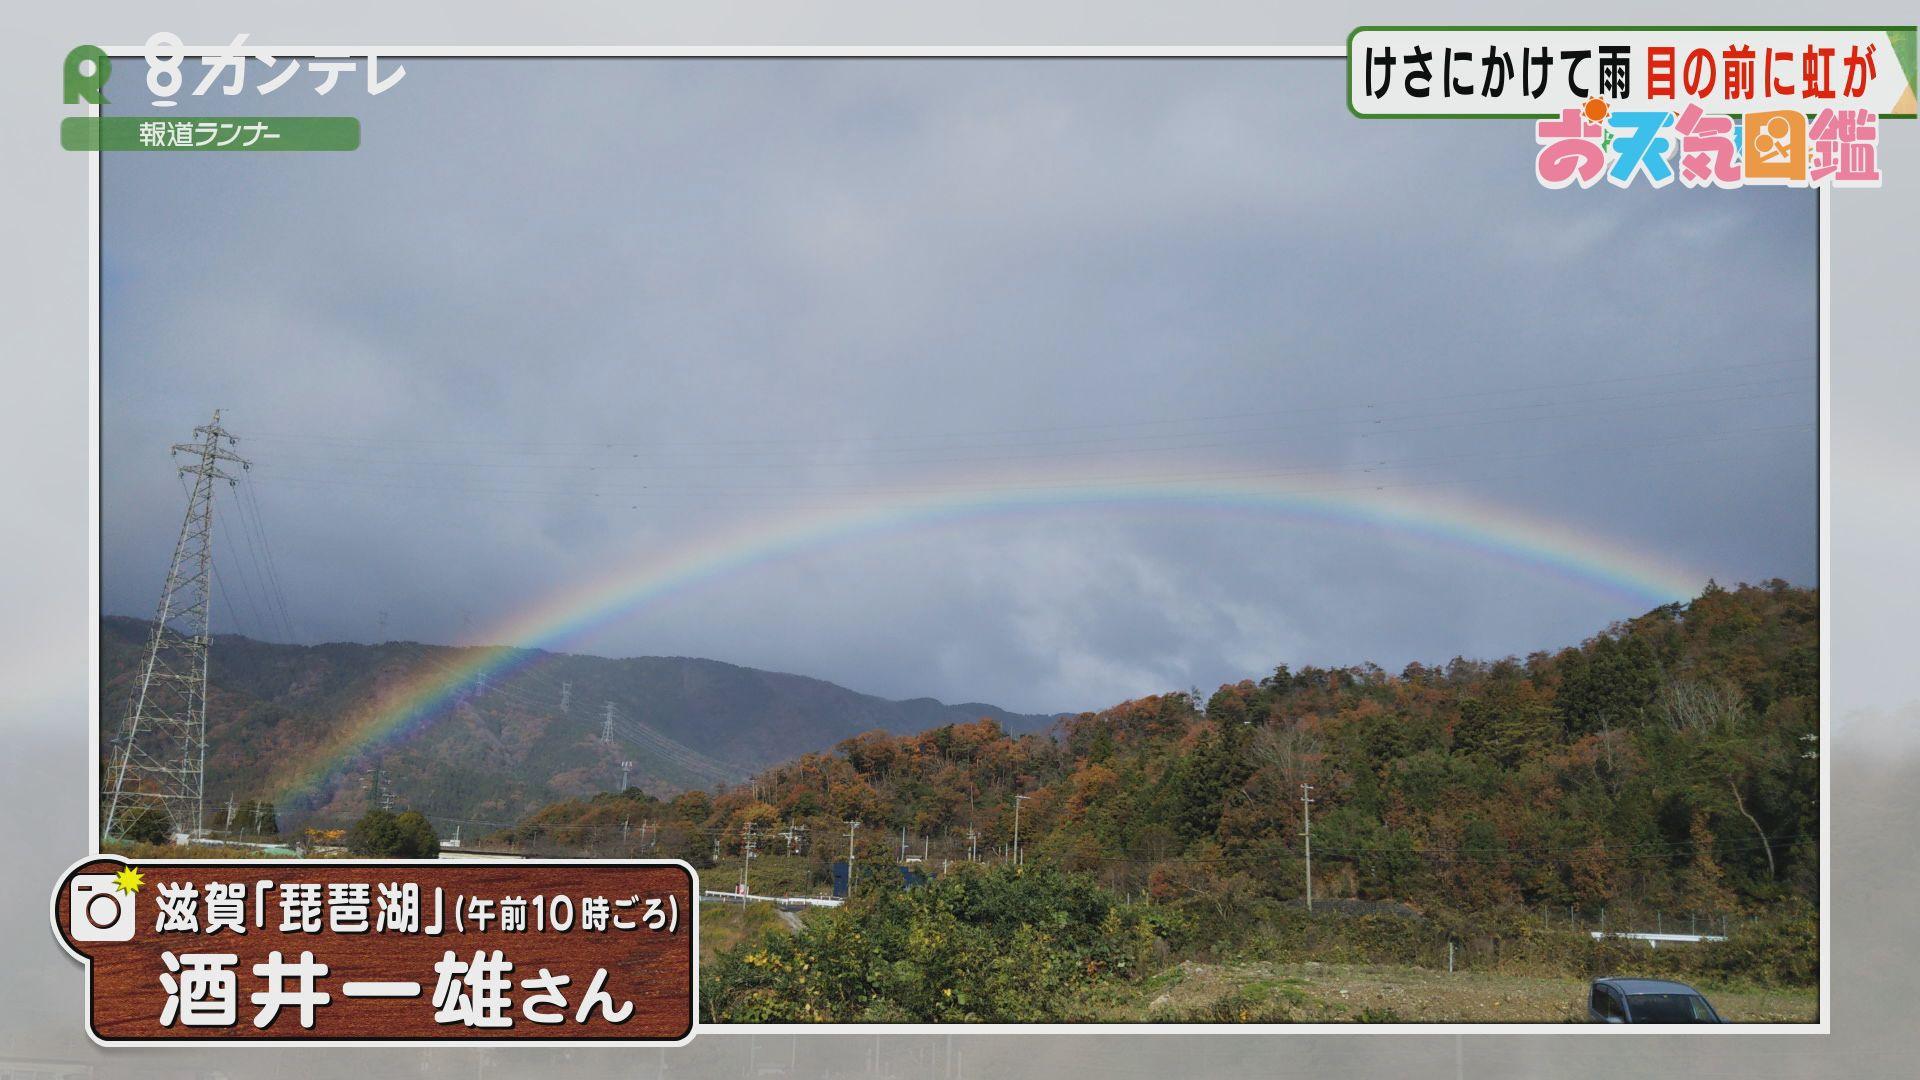 「自転車で琵琶湖一周 目の前に虹」(滋賀・琵琶湖)